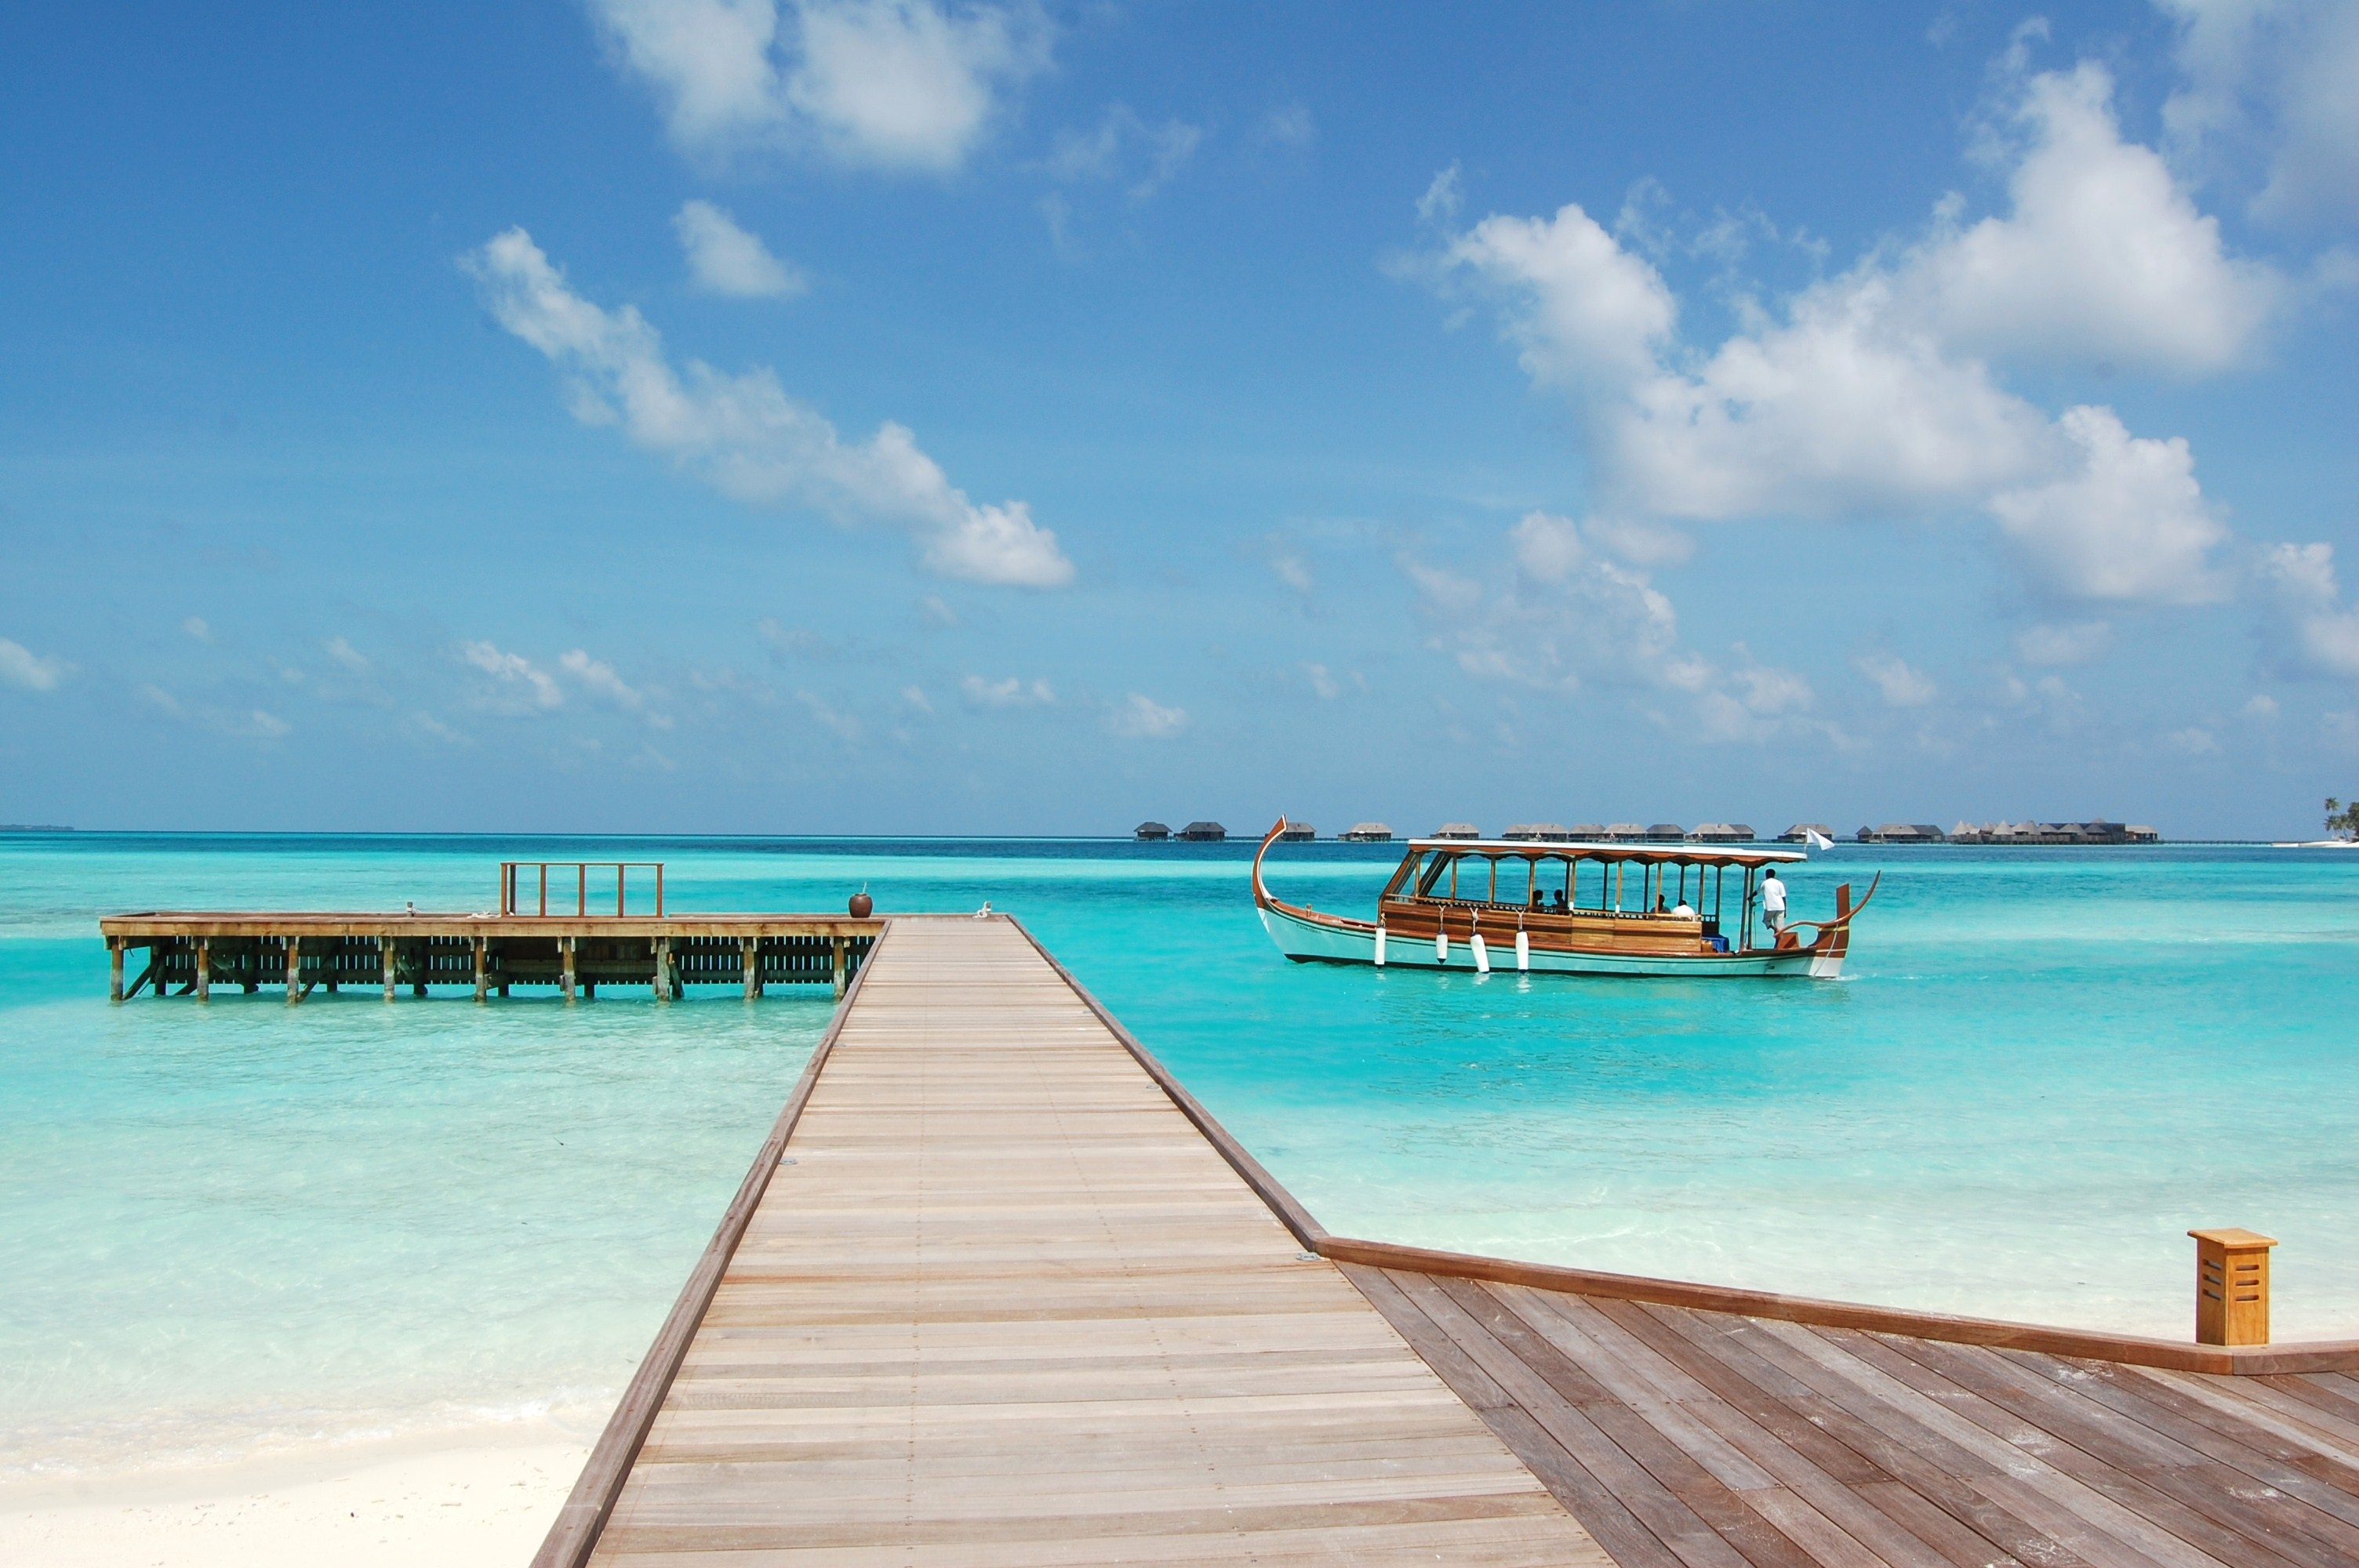 108755 скачать обои Мальдивы, Небо, Природа, Море, Пляж - заставки и картинки бесплатно